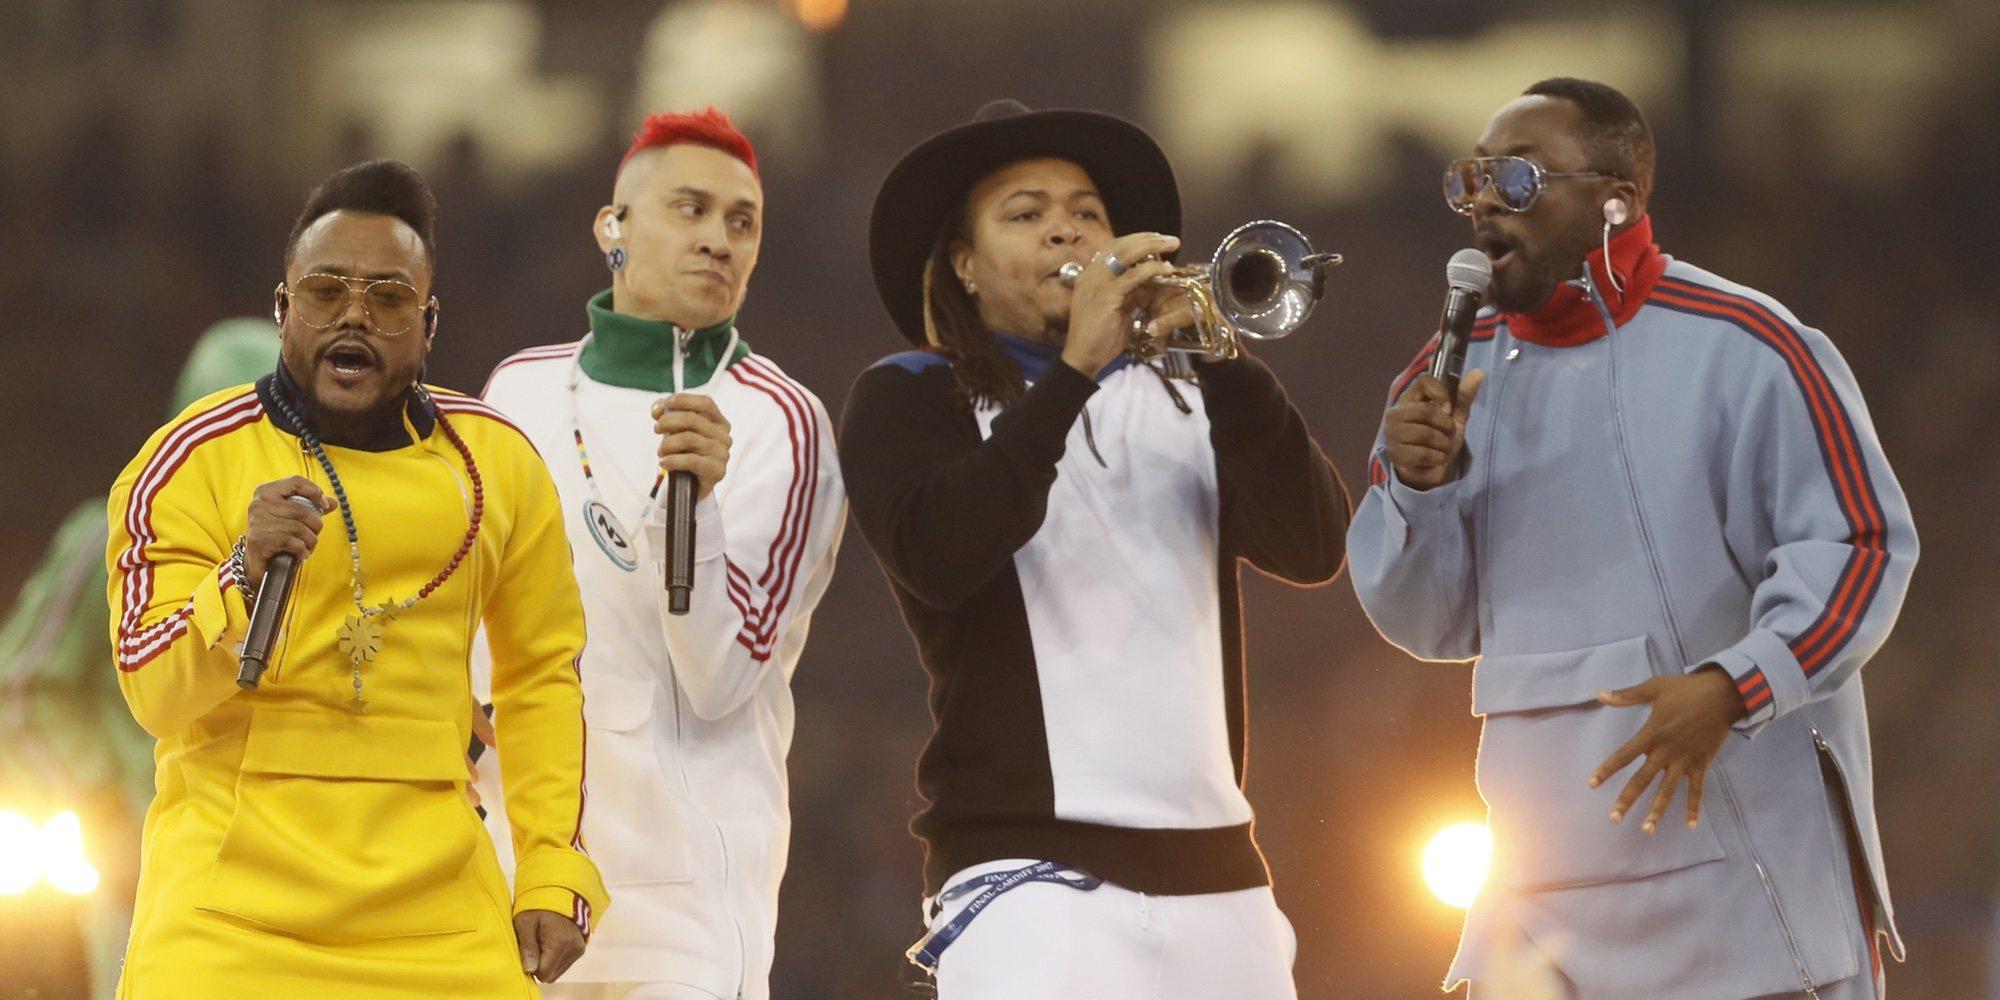 The Black Eyed Peas sacará un nuevo álbum llamado 'Masters of the Sun' después de 8 años